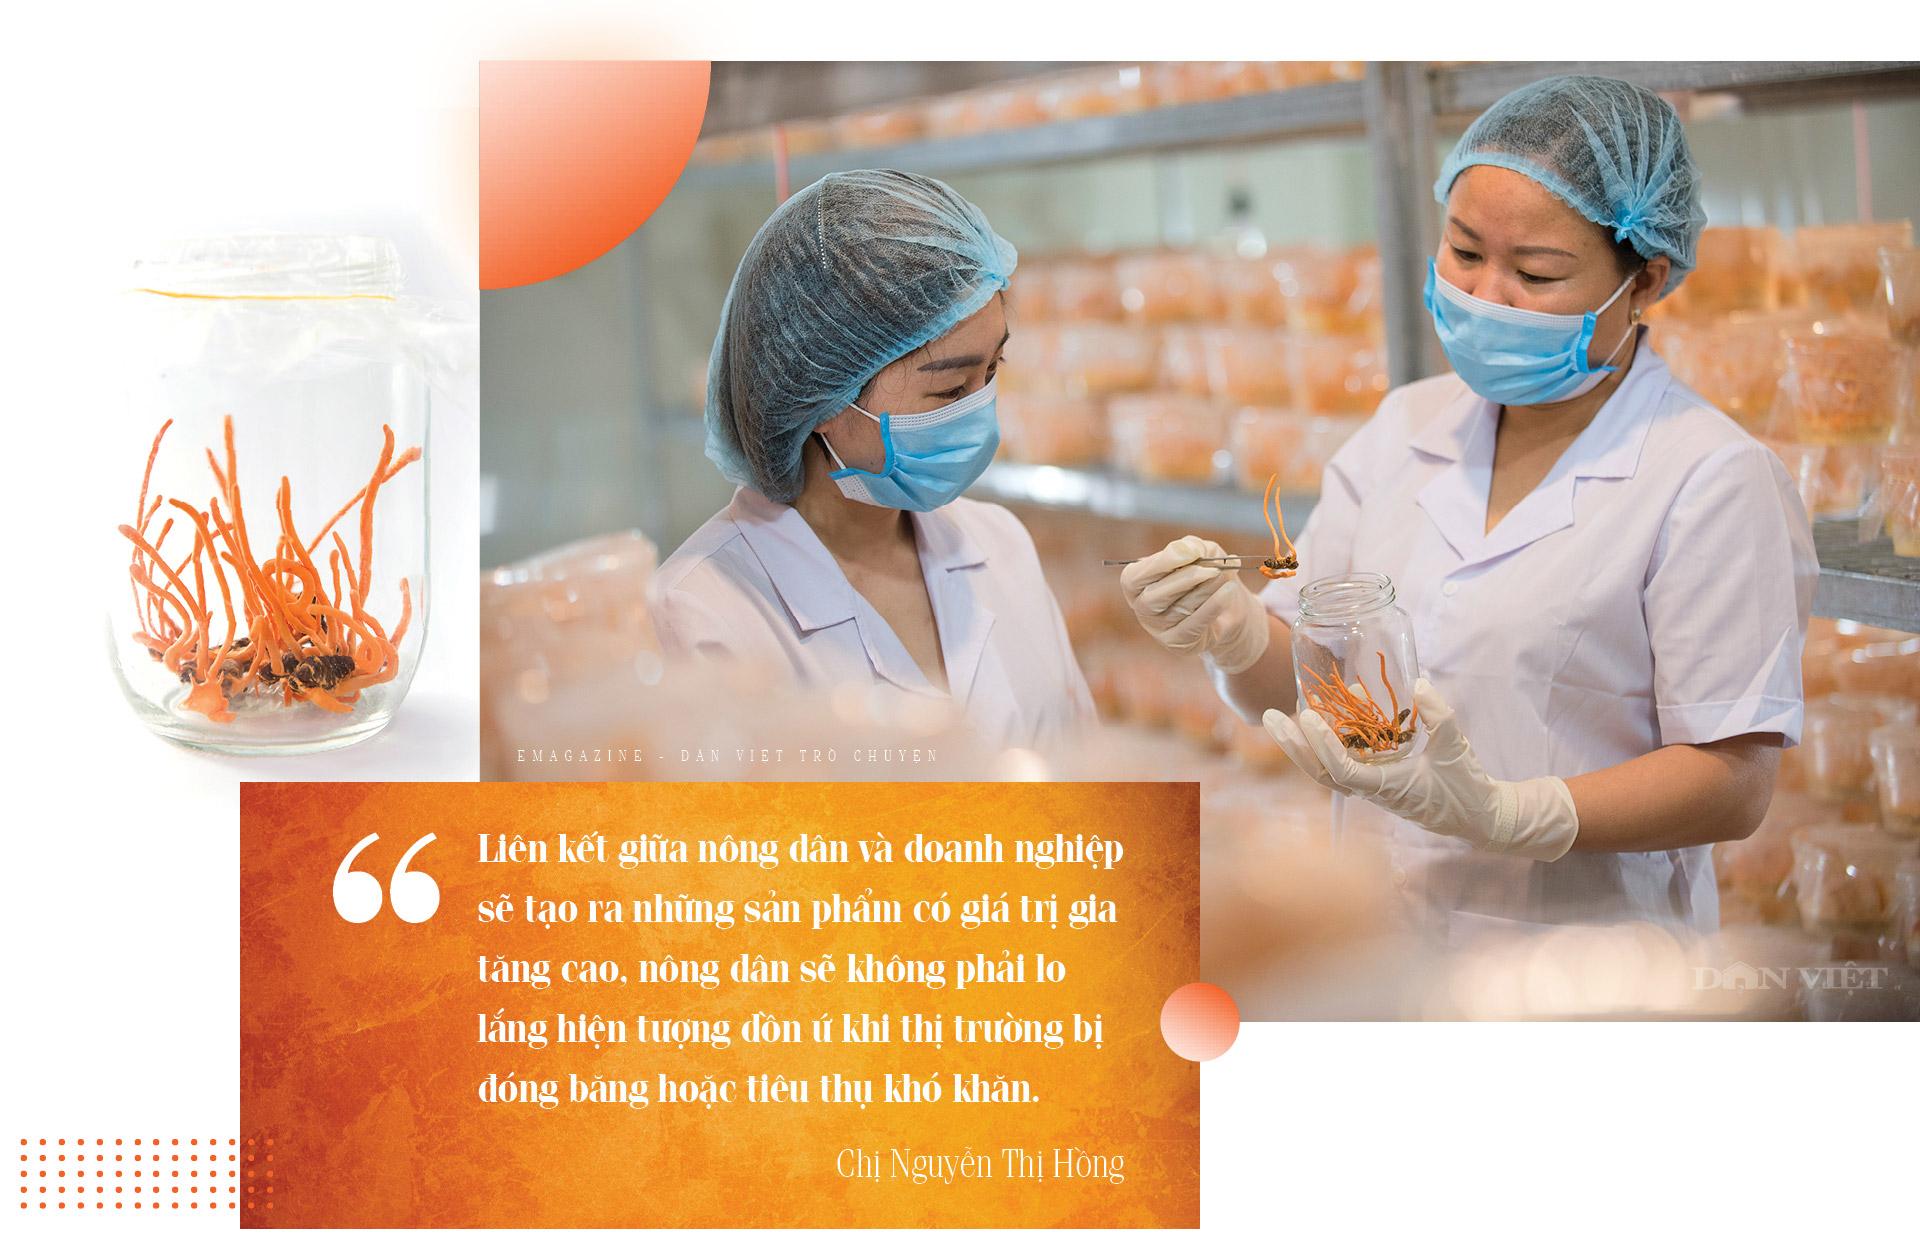 """Tỷ phú Nông dân Việt Nam xuất sắc 2021 Nguyễn Thị Hồng: Hành trình chinh phục  """"vàng mềm"""" siêu đắt đỏ  - Ảnh 16."""